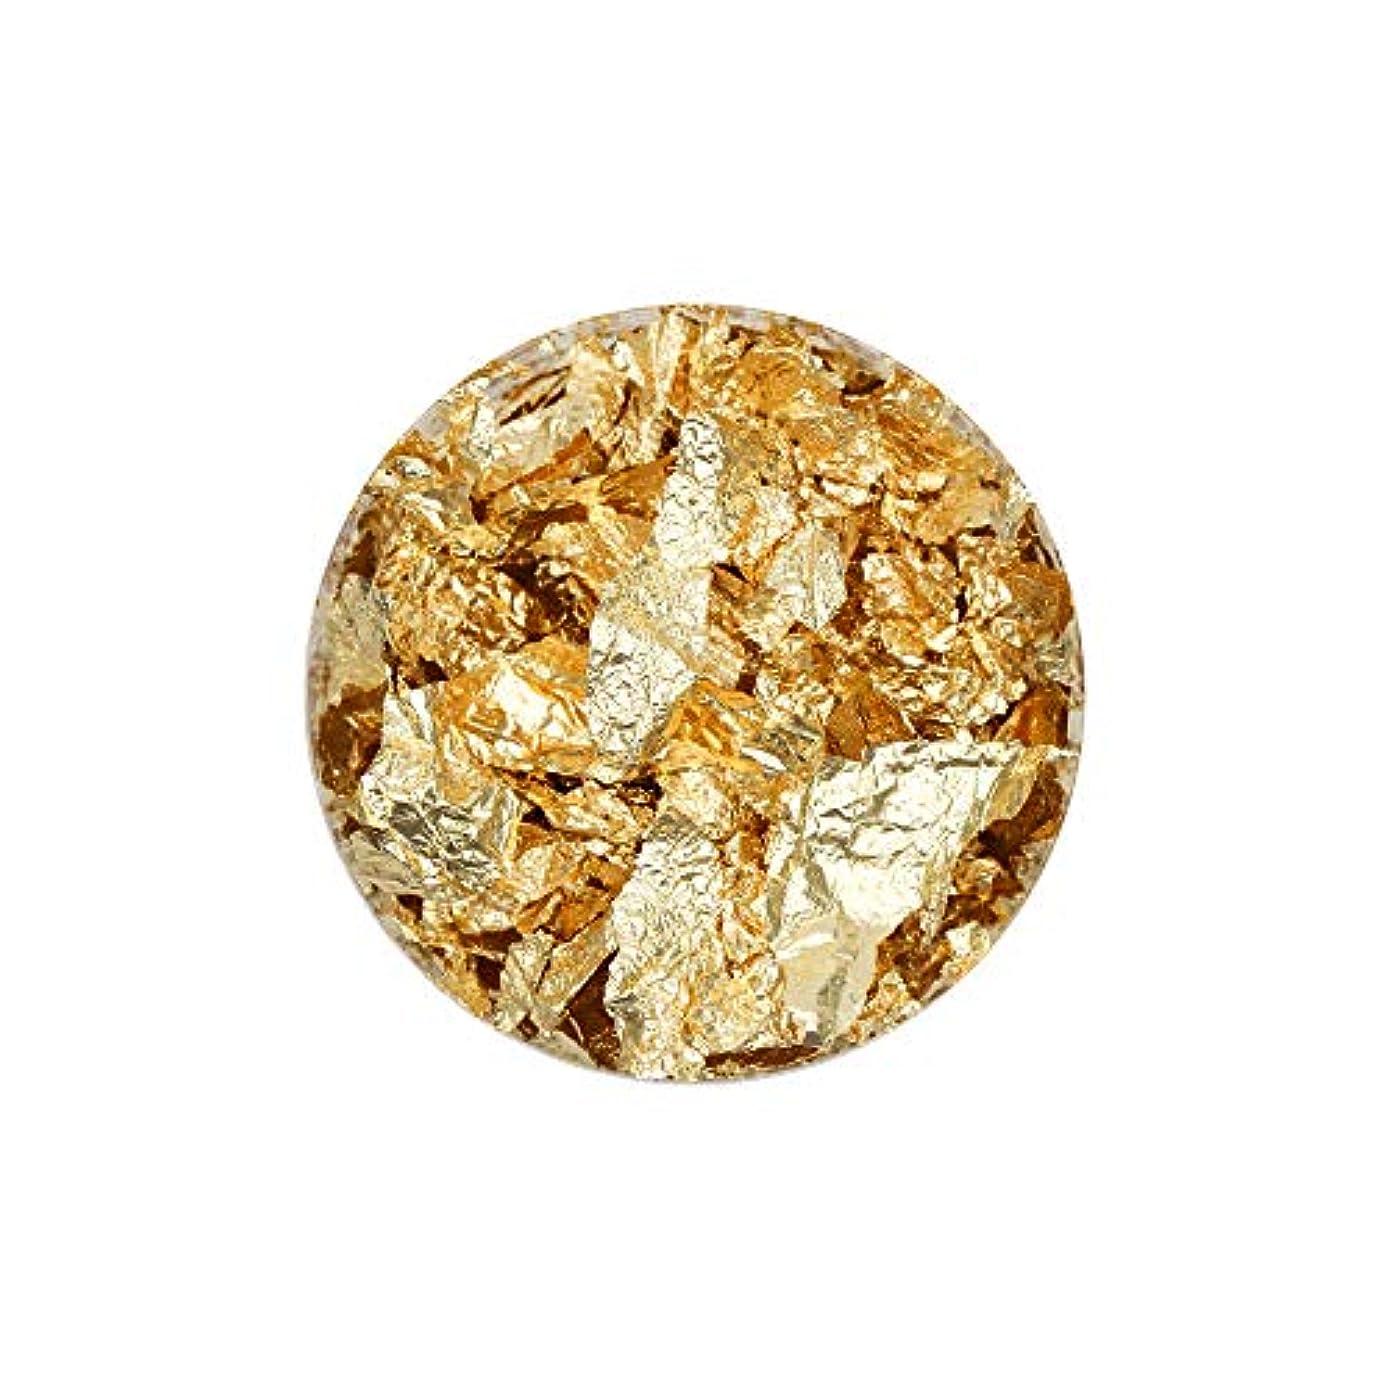 違法基本的な彫刻ネイルアート 乱切り箔乱切り箔 【M/ゴールド】金箔 銀箔 銅箔 ホイル 和装 洋装 ネイルナゲット